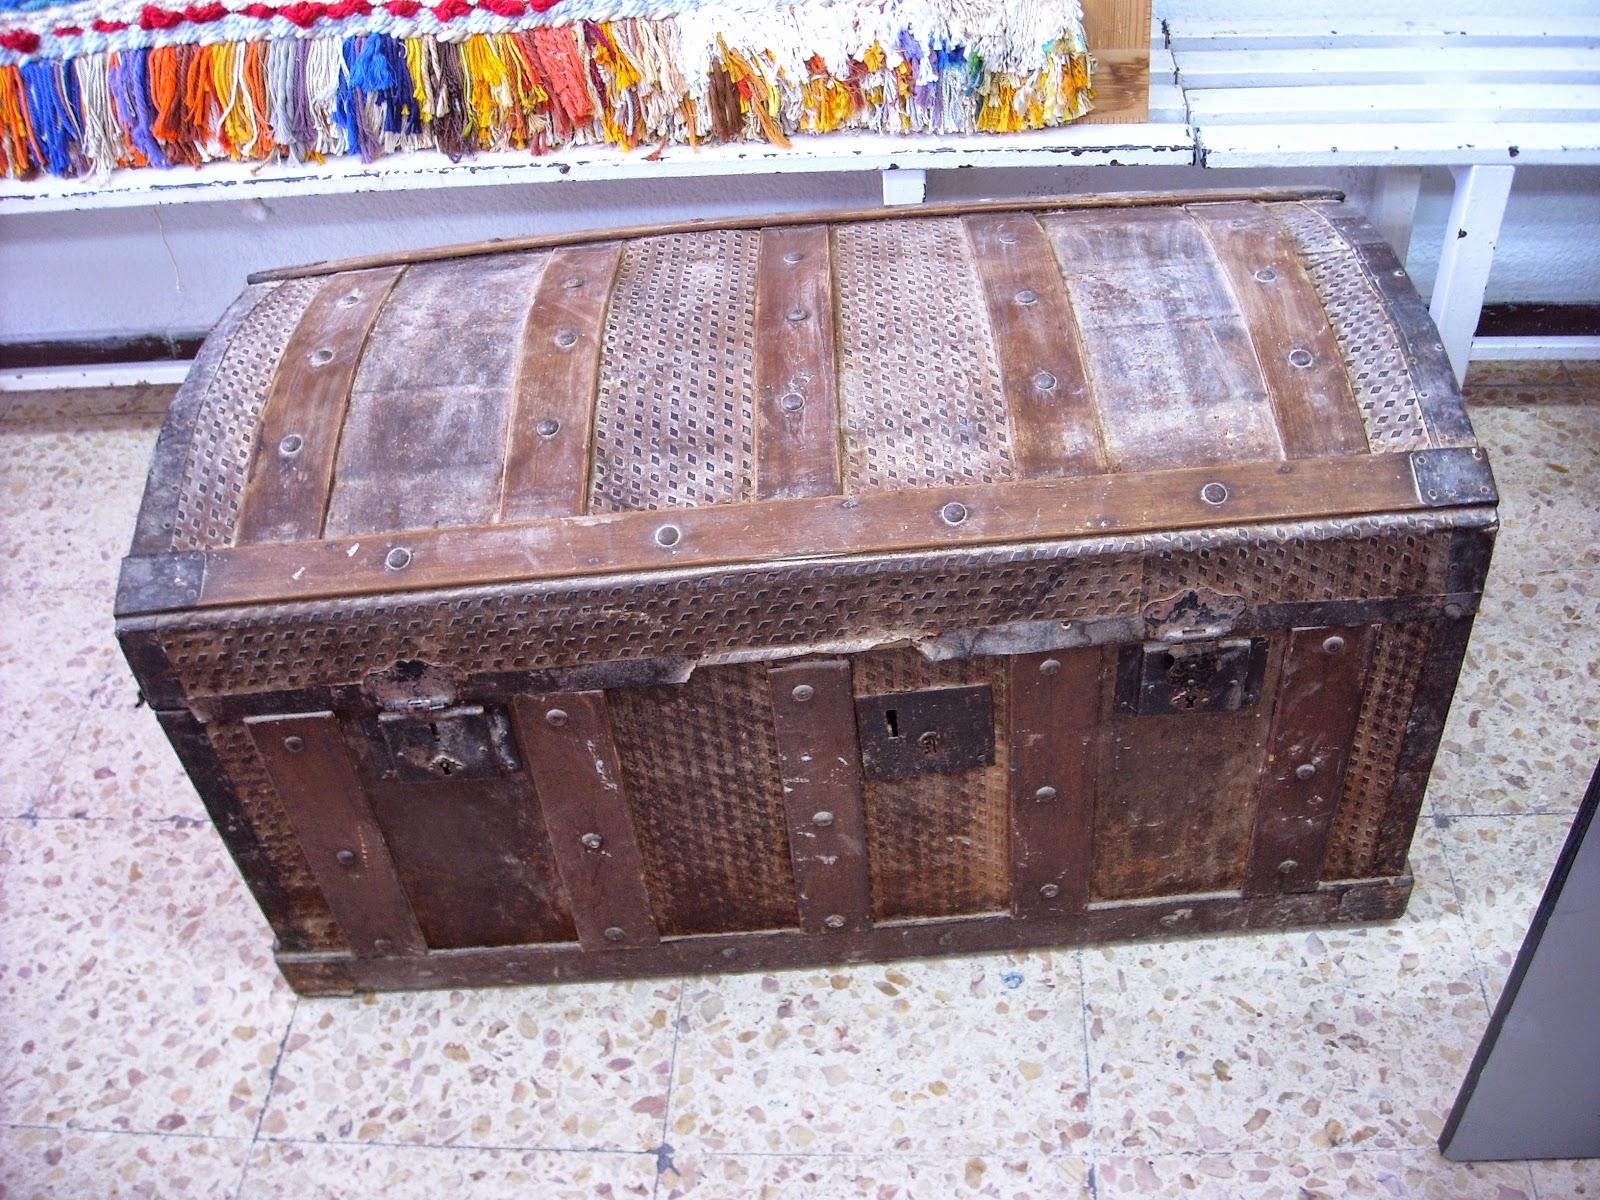 Todo sobre carmen restauracion baul antiguo - Restaurar un baul ...